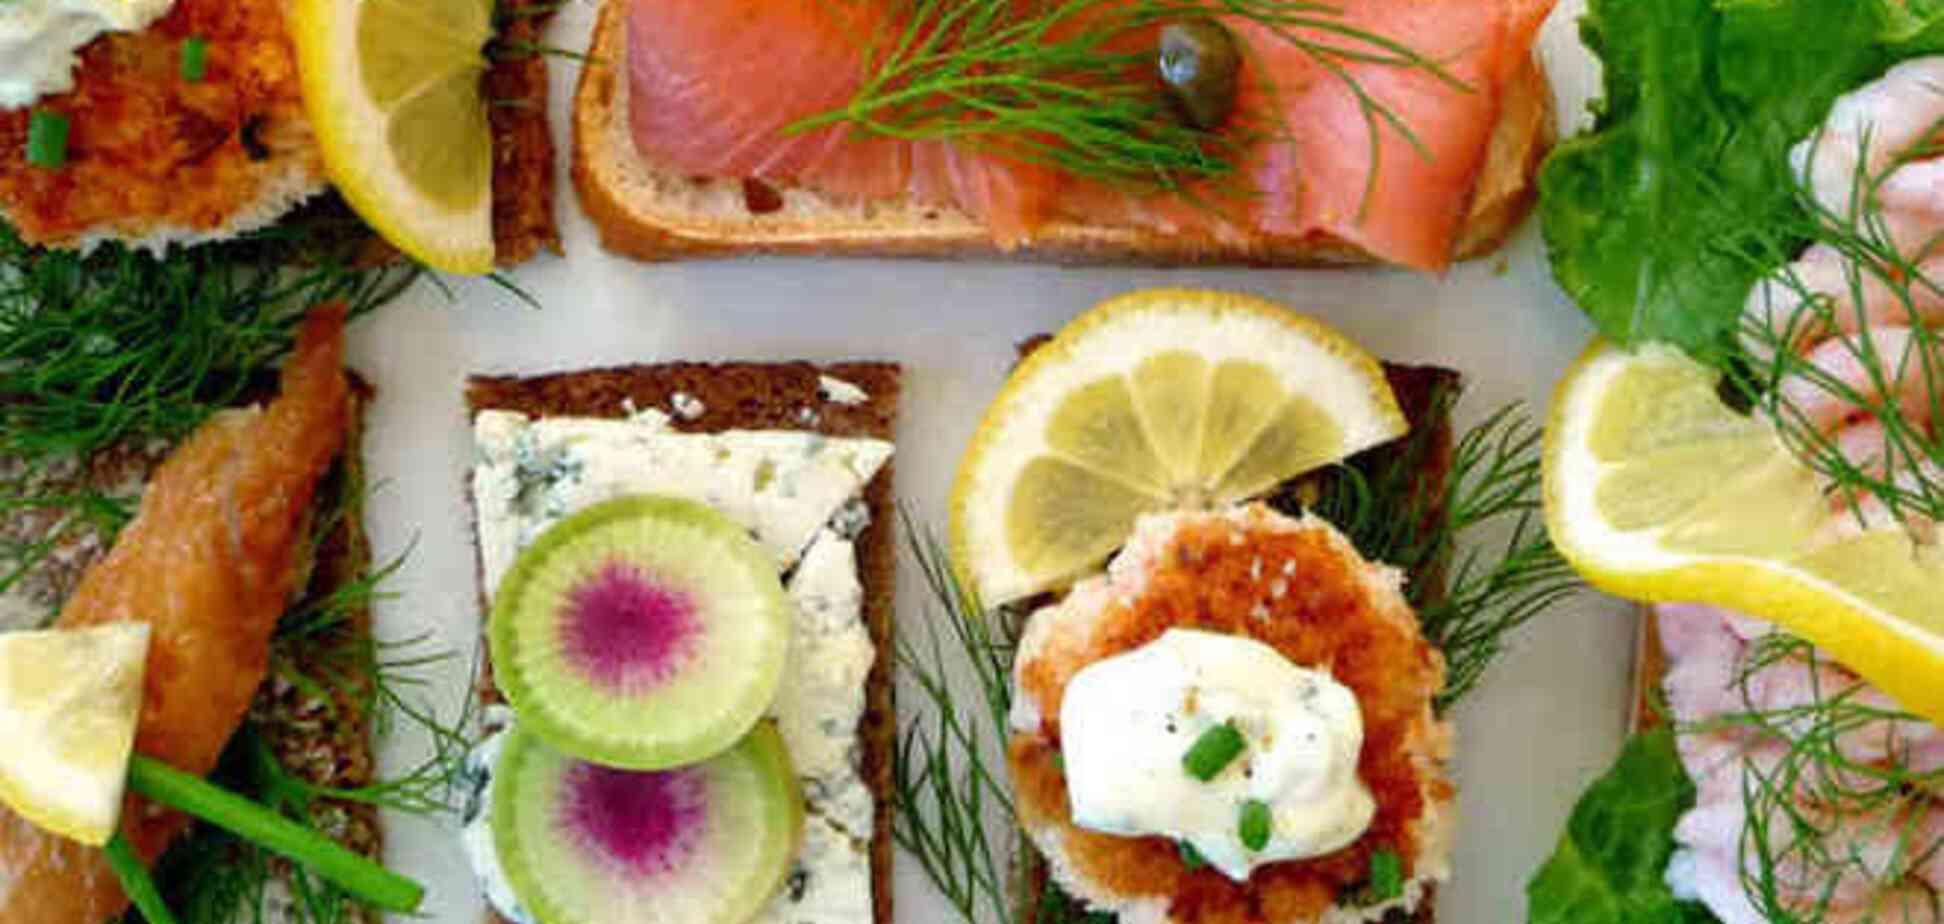 Датский смерребред – король бутербродов. Топ-3 рецепта